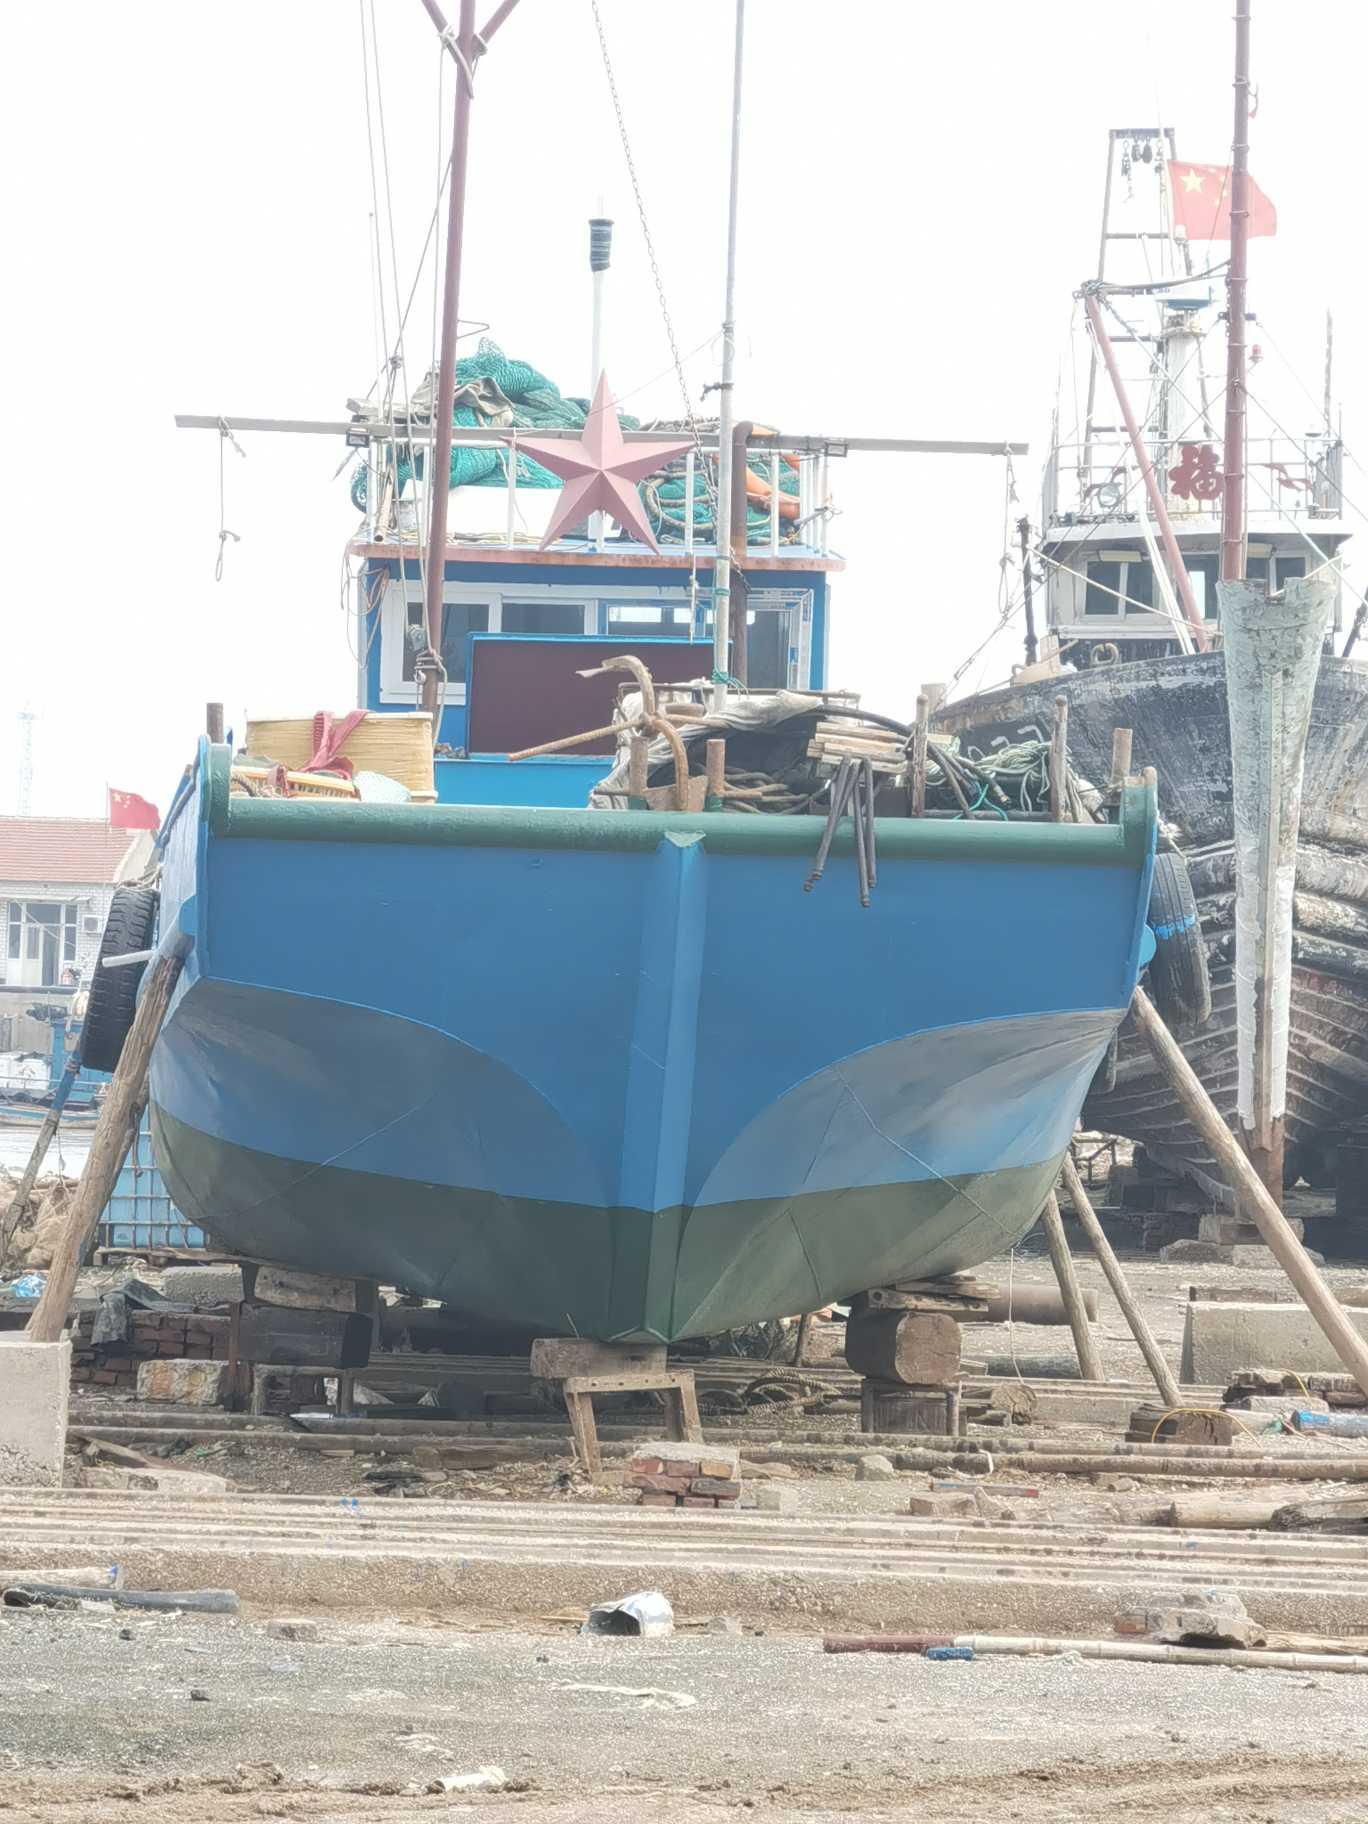 八万多卖   长16米  宽4米   深1.1米 三年船  18632653078